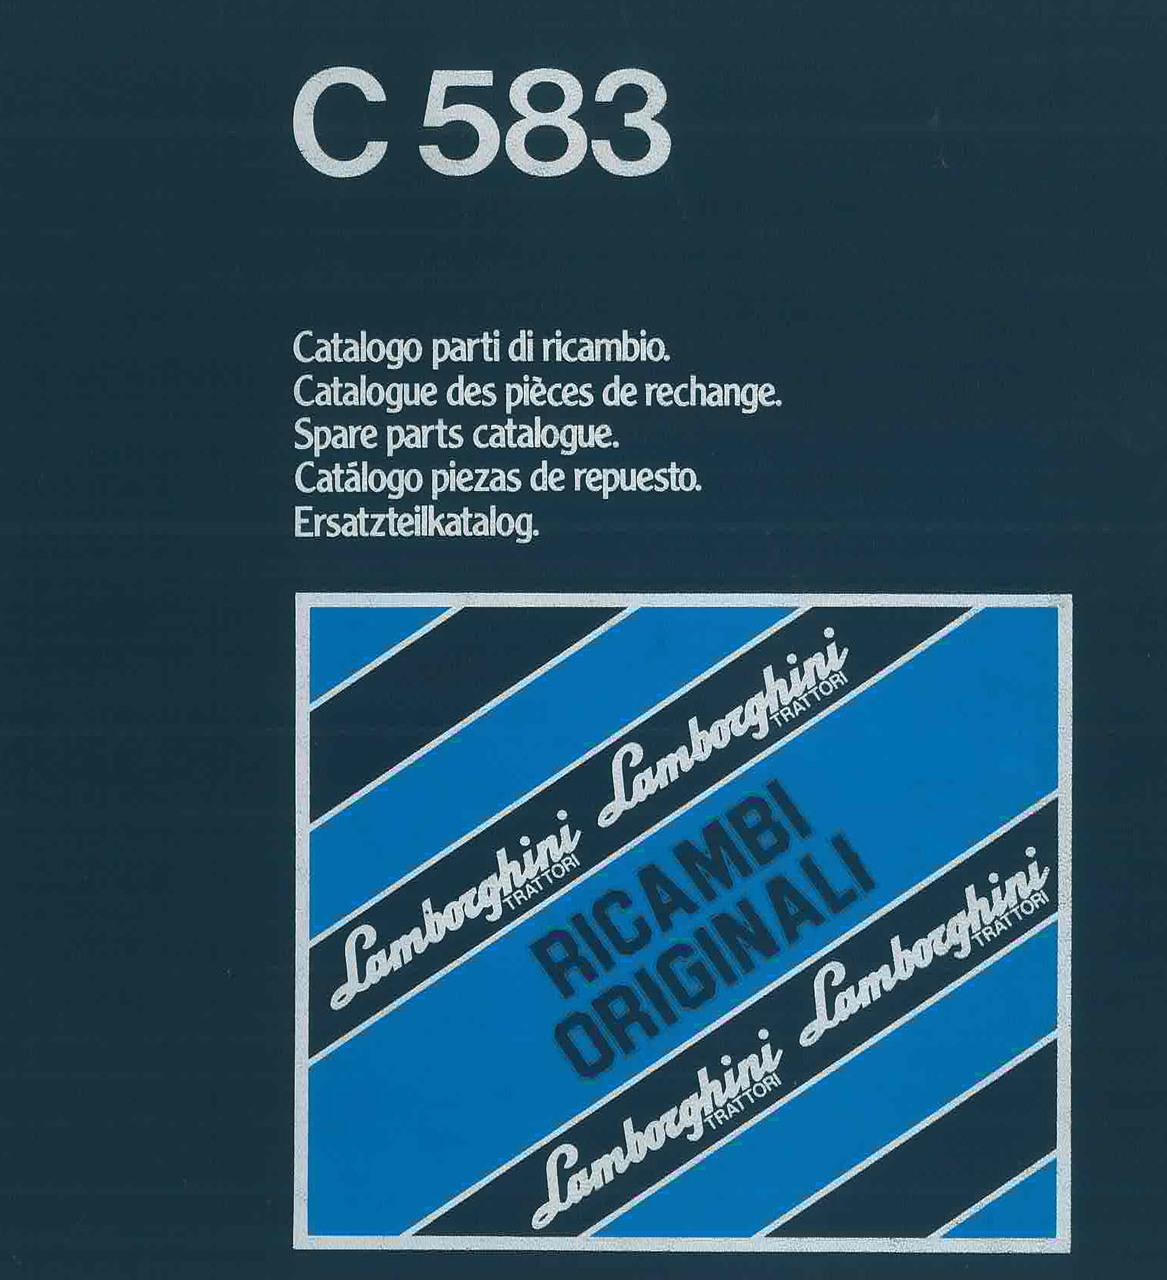 C 583 - Catalogo Parti di Ricambio / Pièces de Rechange du Tracteur / Tractor Spare Parts / Ersatzteile für den Schleppers / Repuestos para Tractor